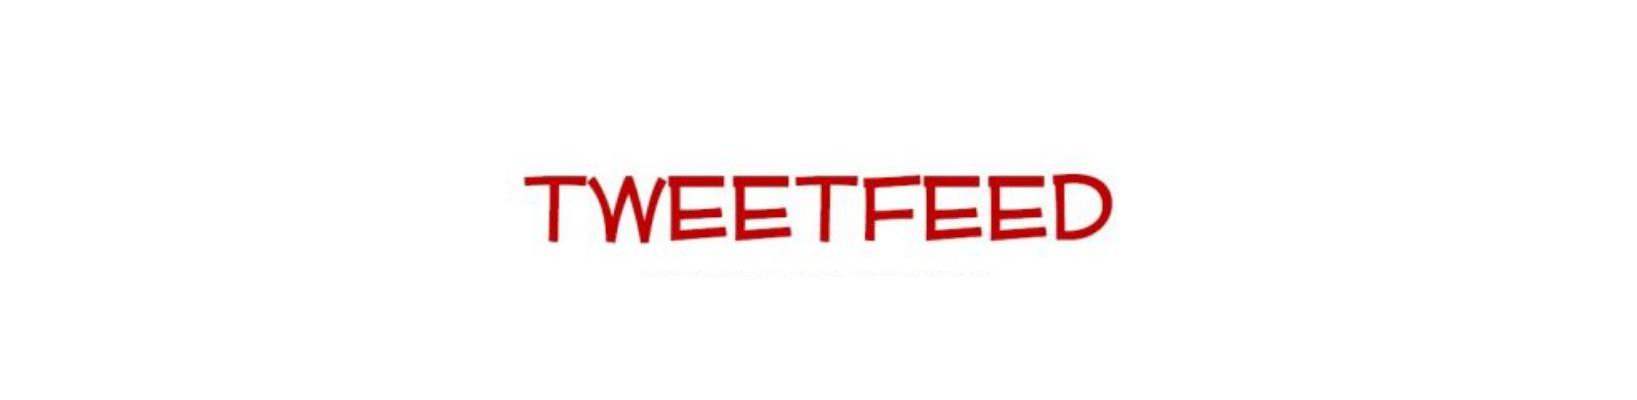 TWEETFEED